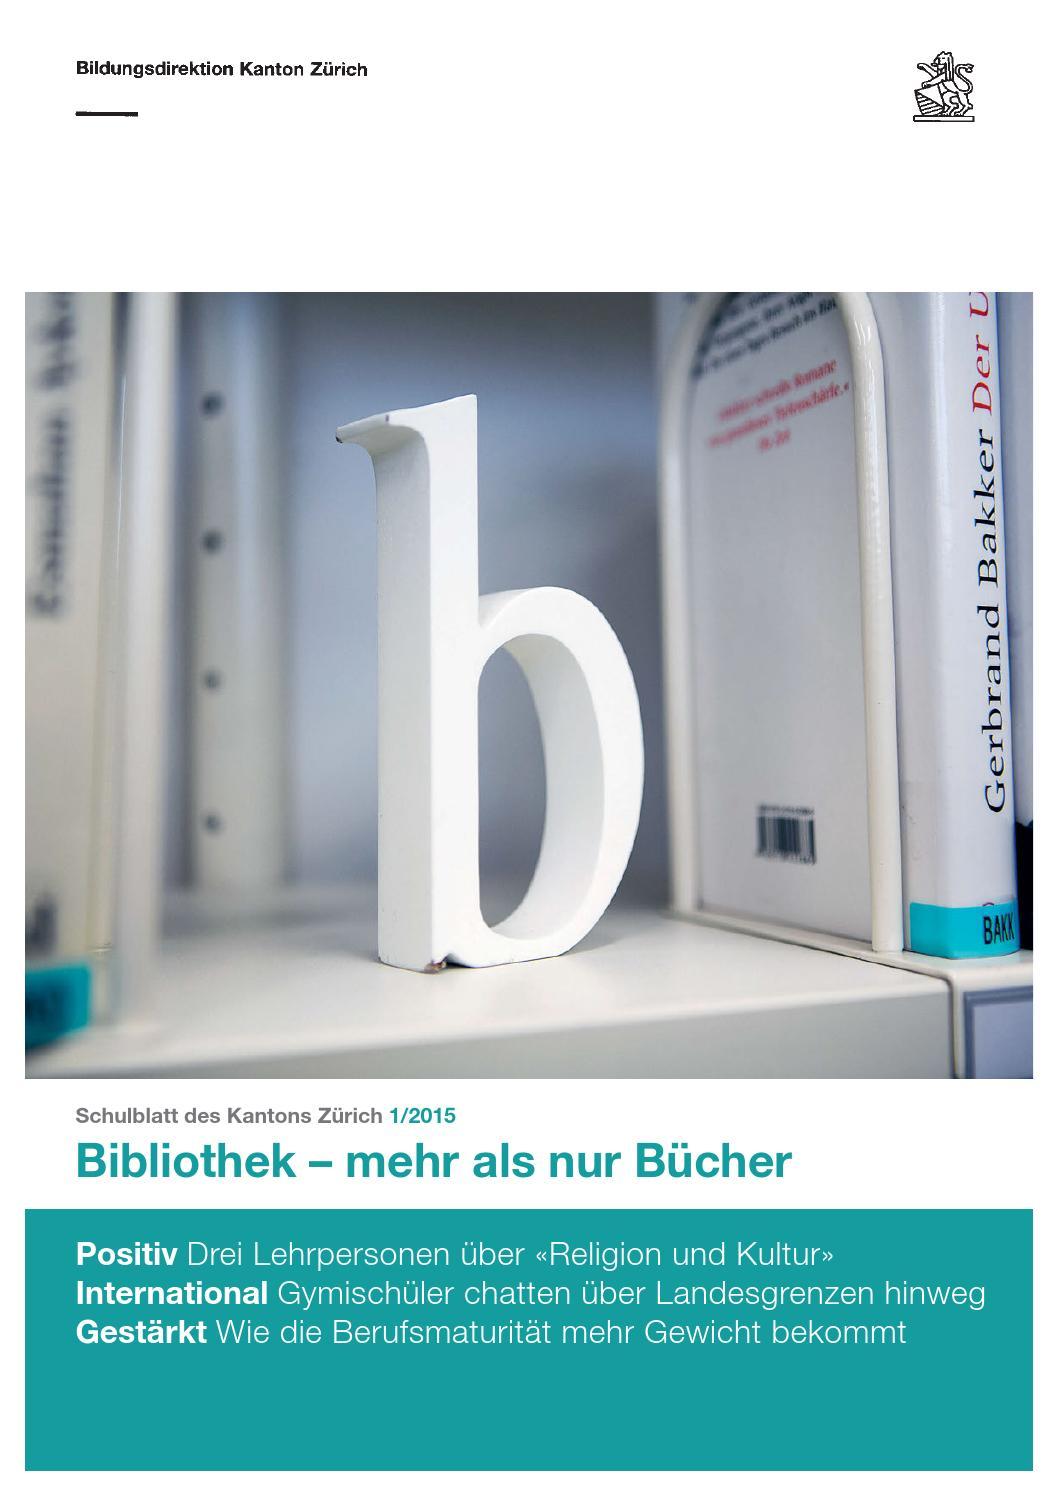 Schulblatt 1 2015 by Schulblatt Kanton Zürich - issuu